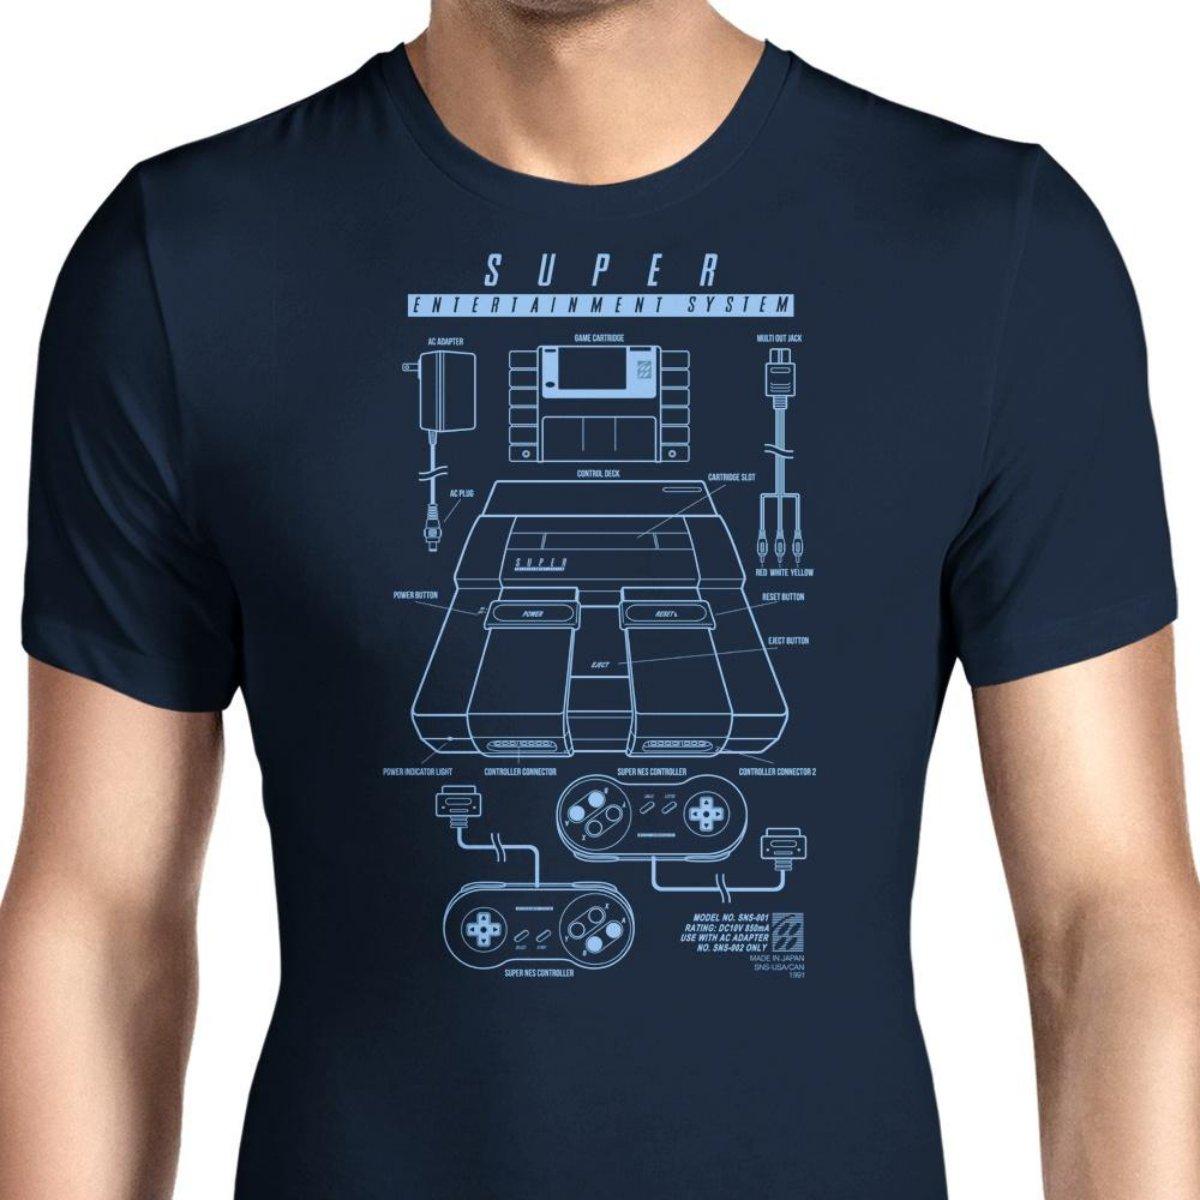 Amazon com: HONGRONG Men's Super Entertainment System Unique Design